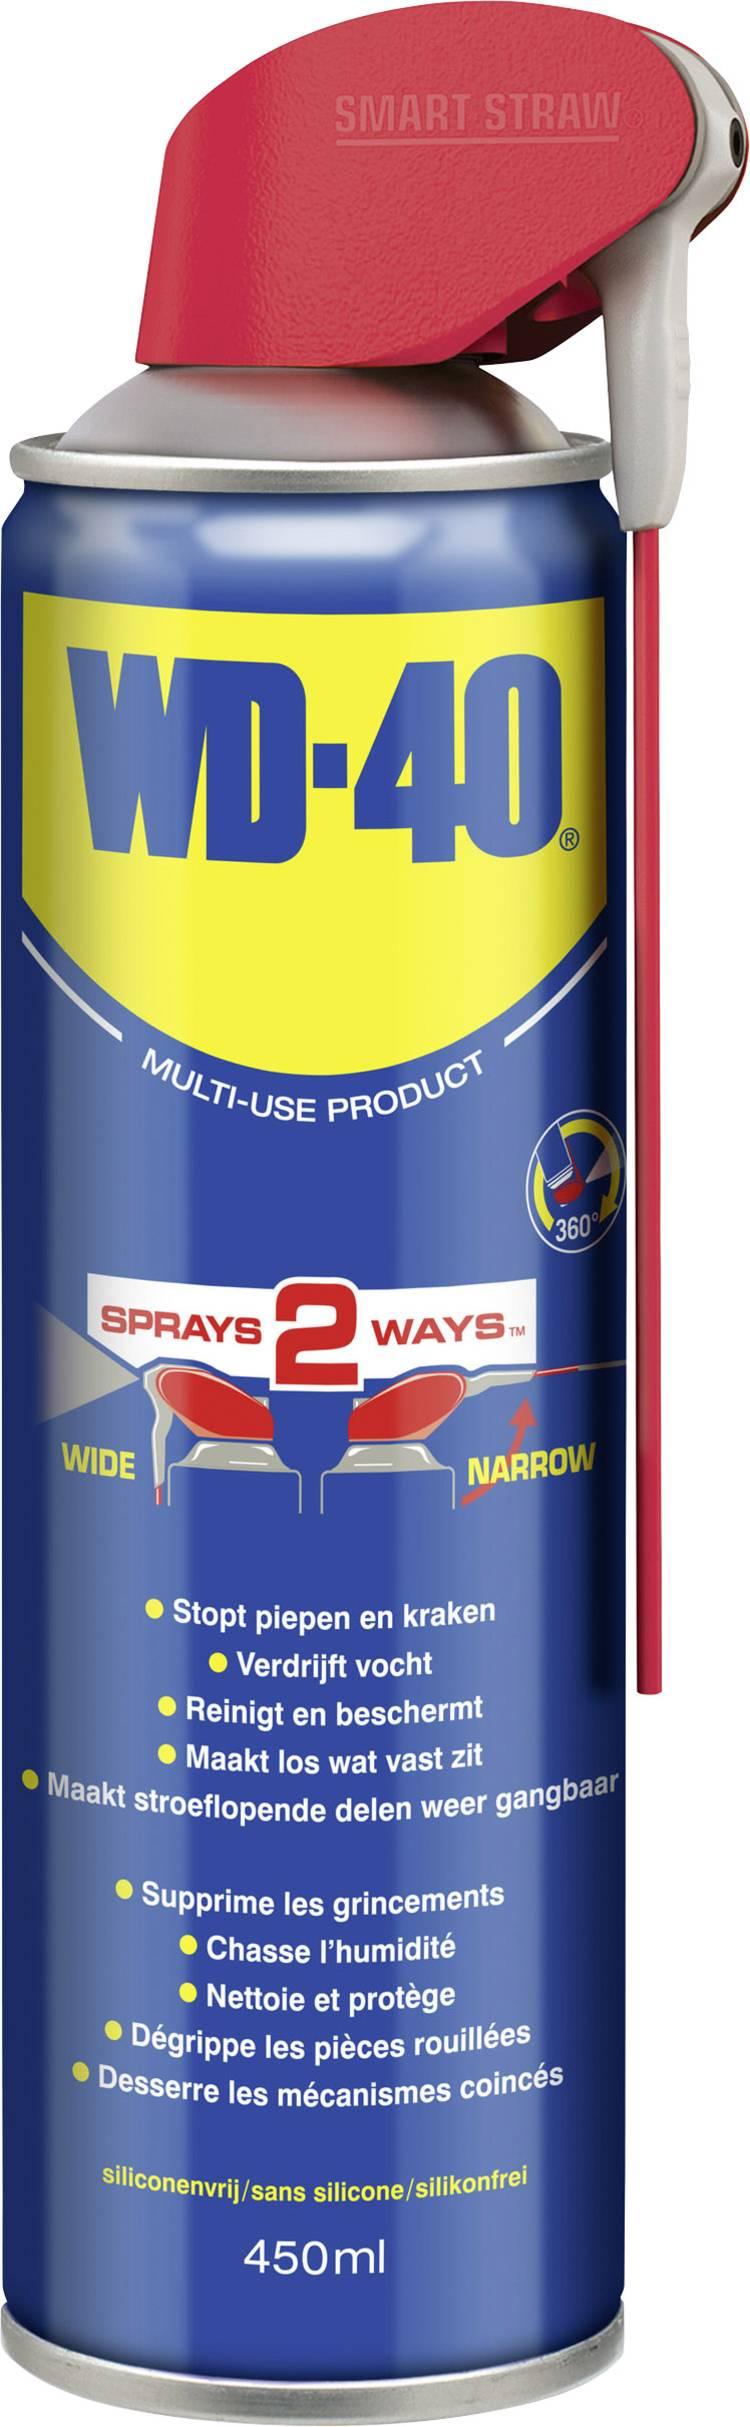 Multi-olie 450 ml WD40 Company Smart Straw 0315033